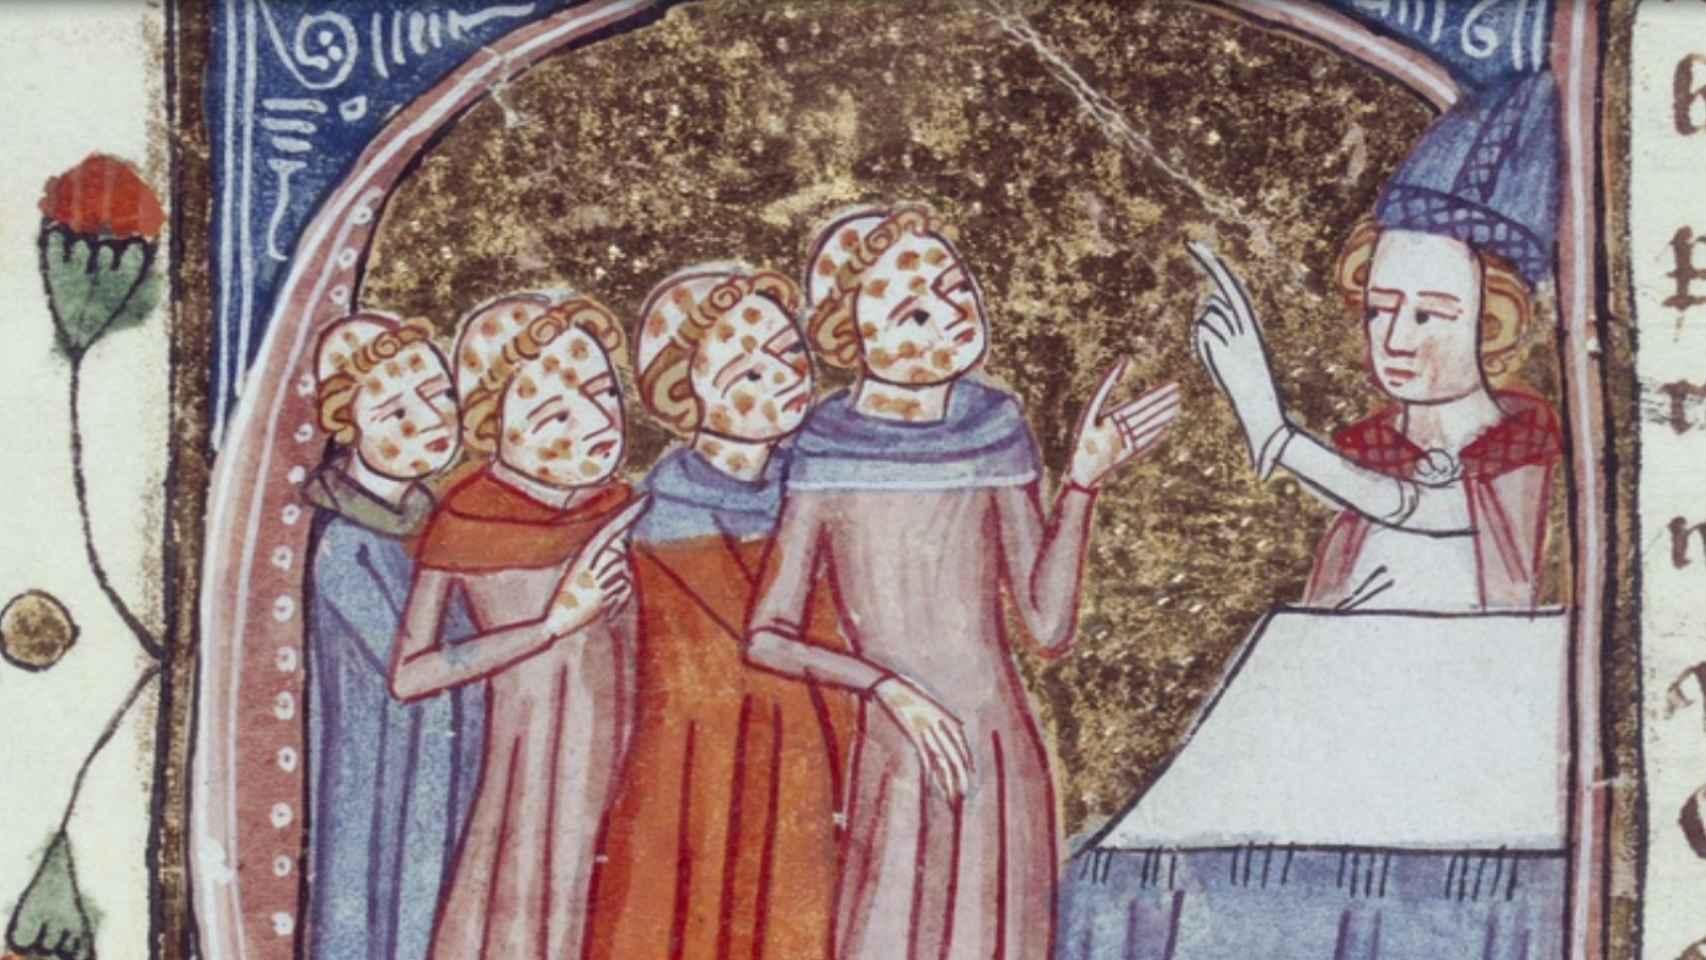 Obispo bendice a clérigos con lepra.